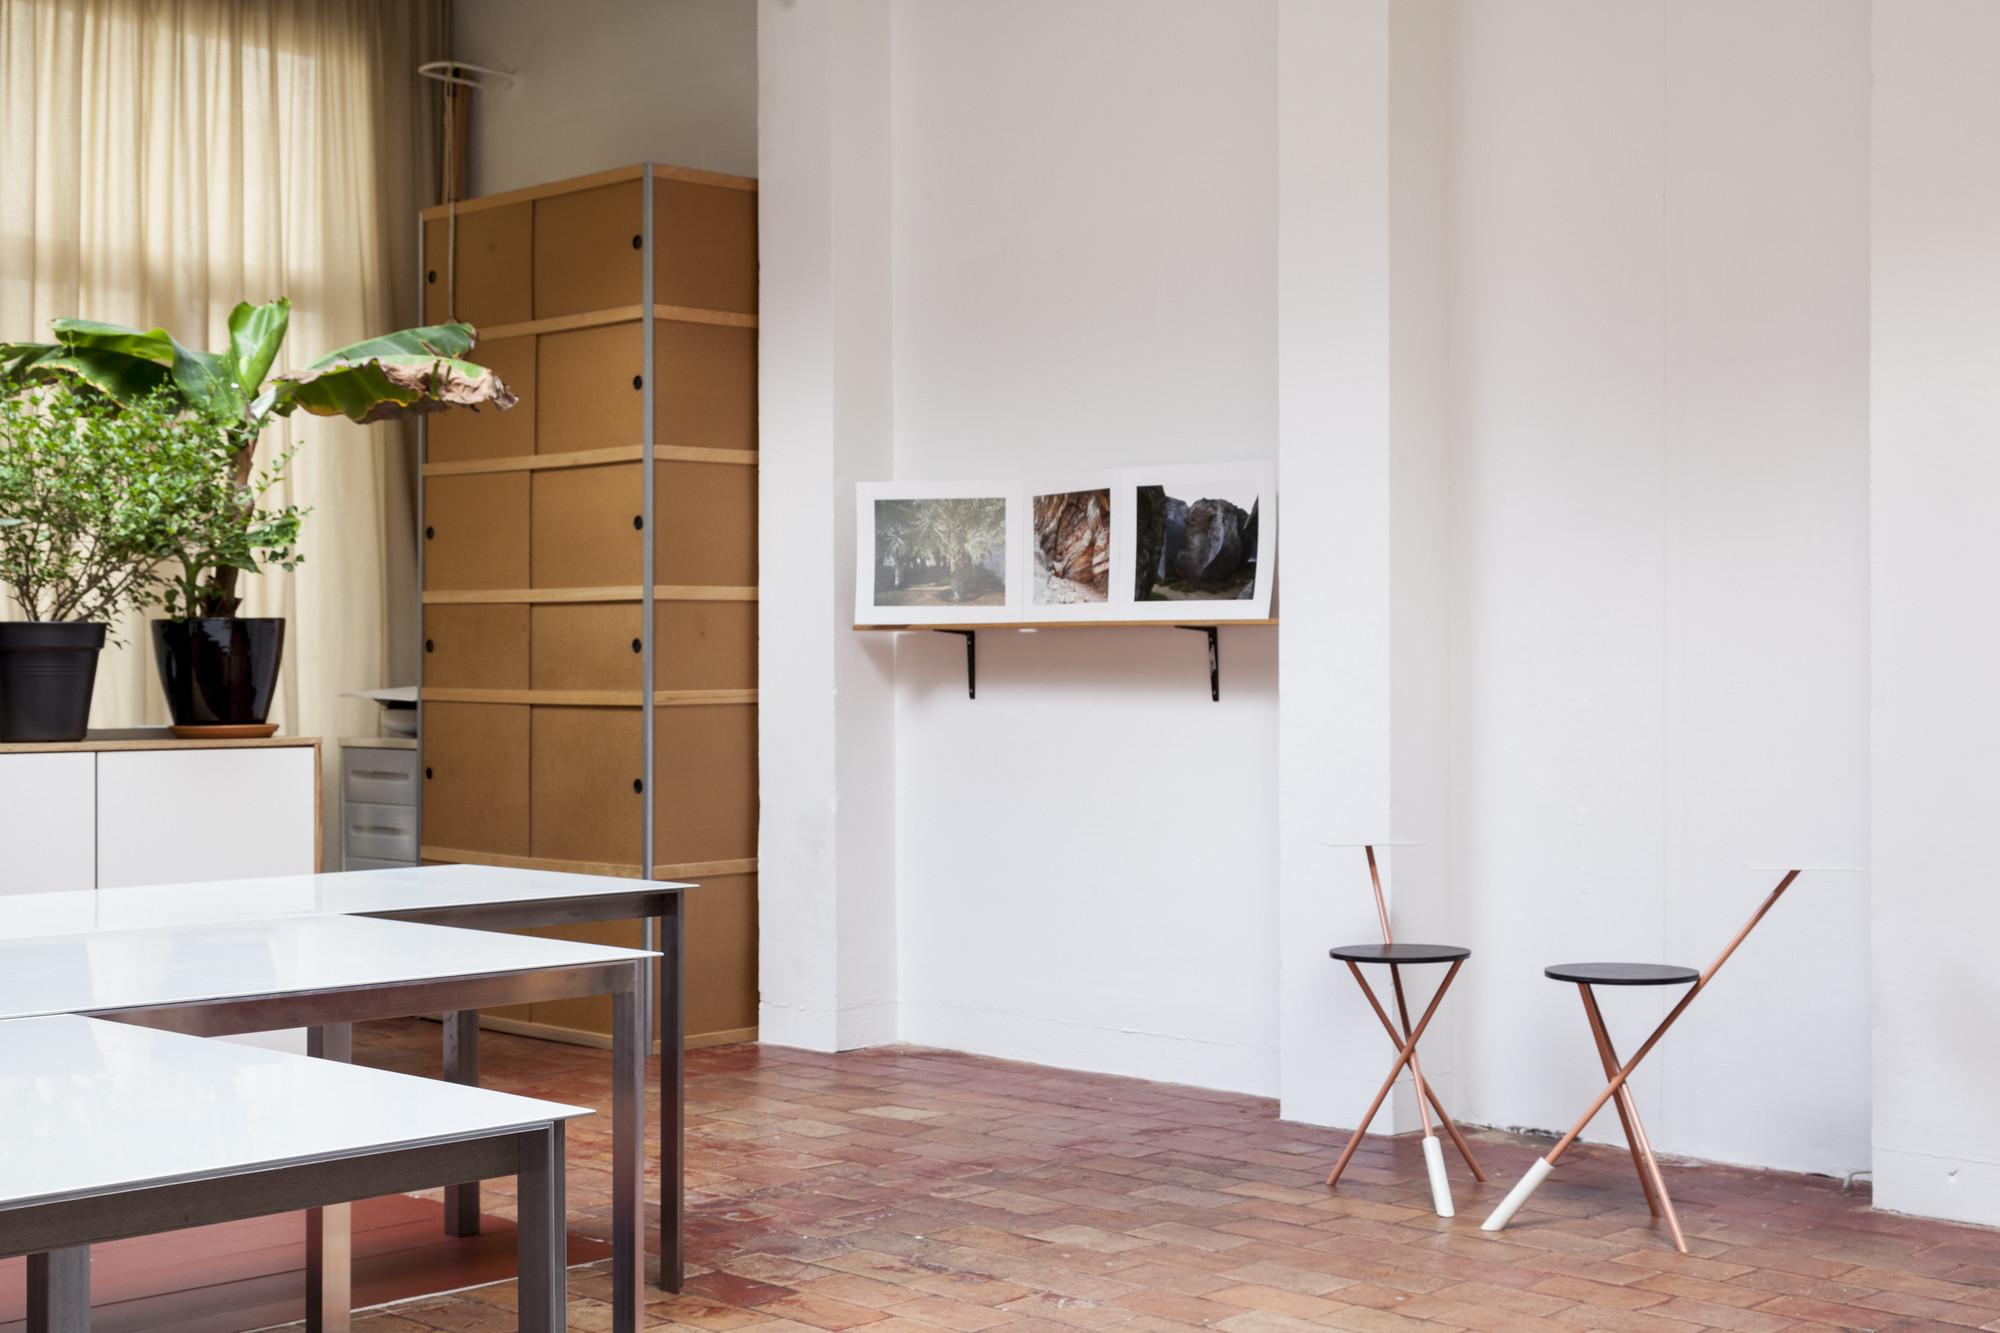 Furniture Design Exhibition gallery of office kersten geers david van severen design limited